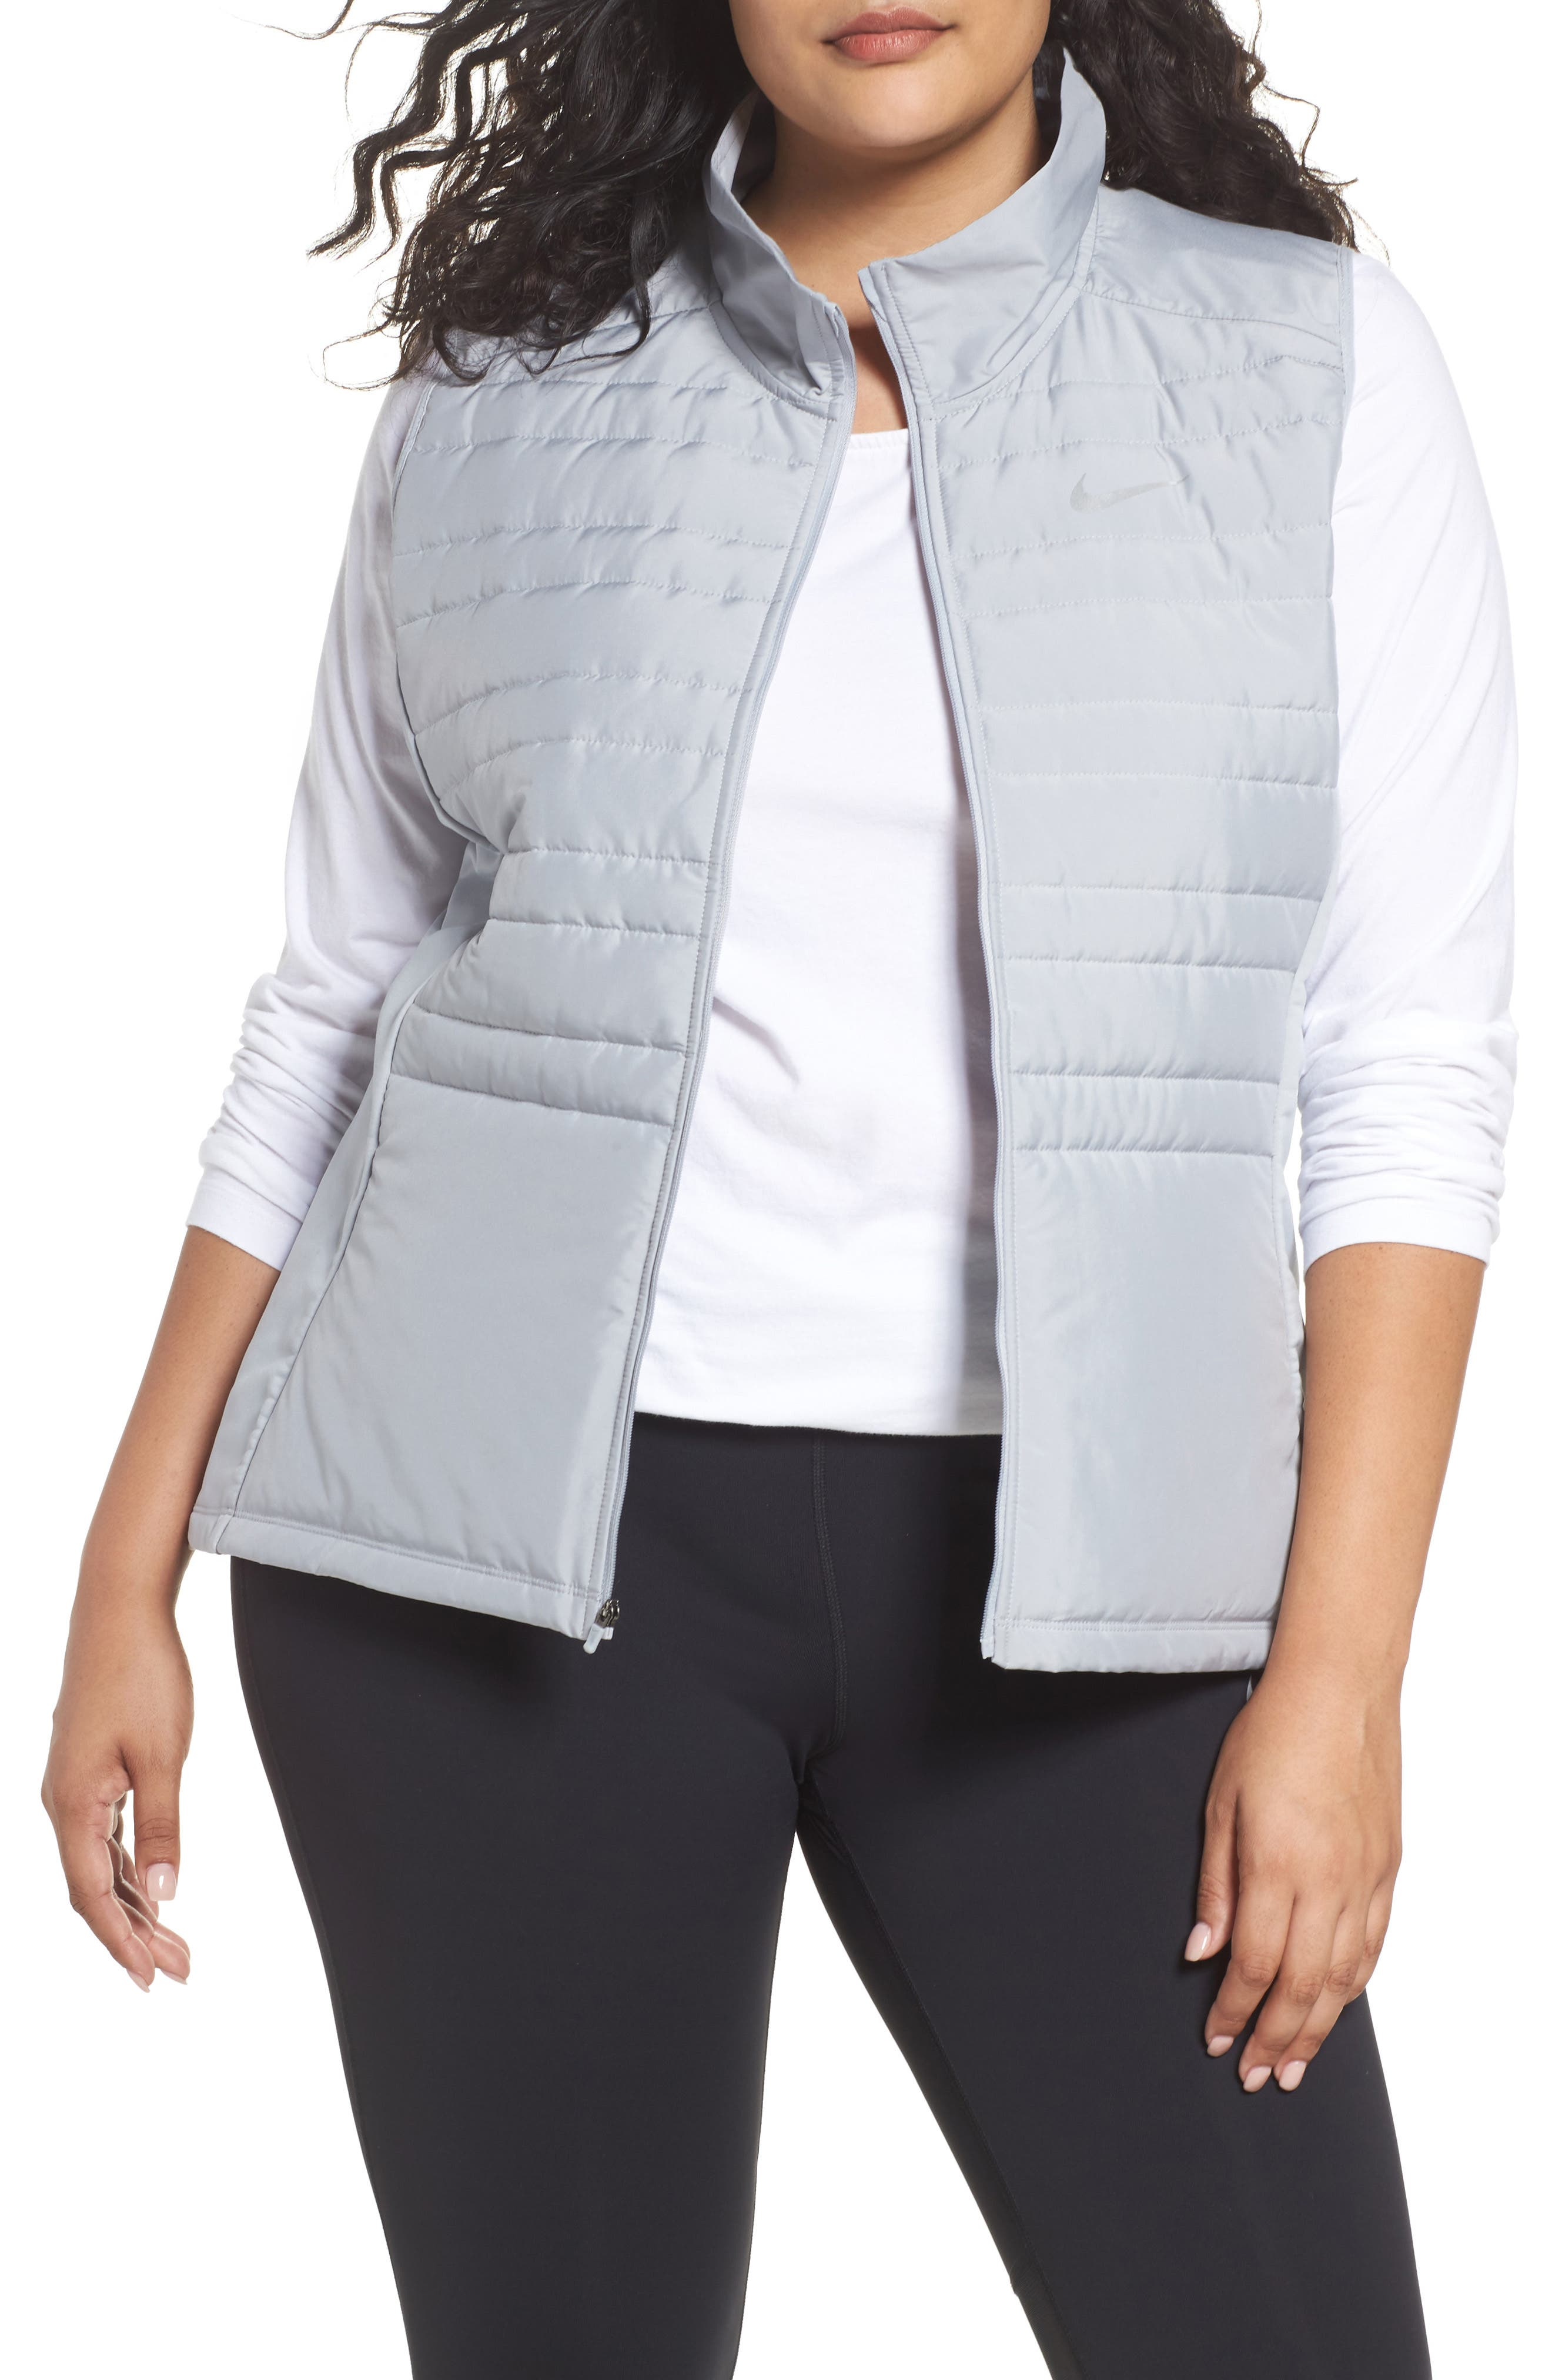 Main Image - Nike Essentials Running Vest (Plus Size)